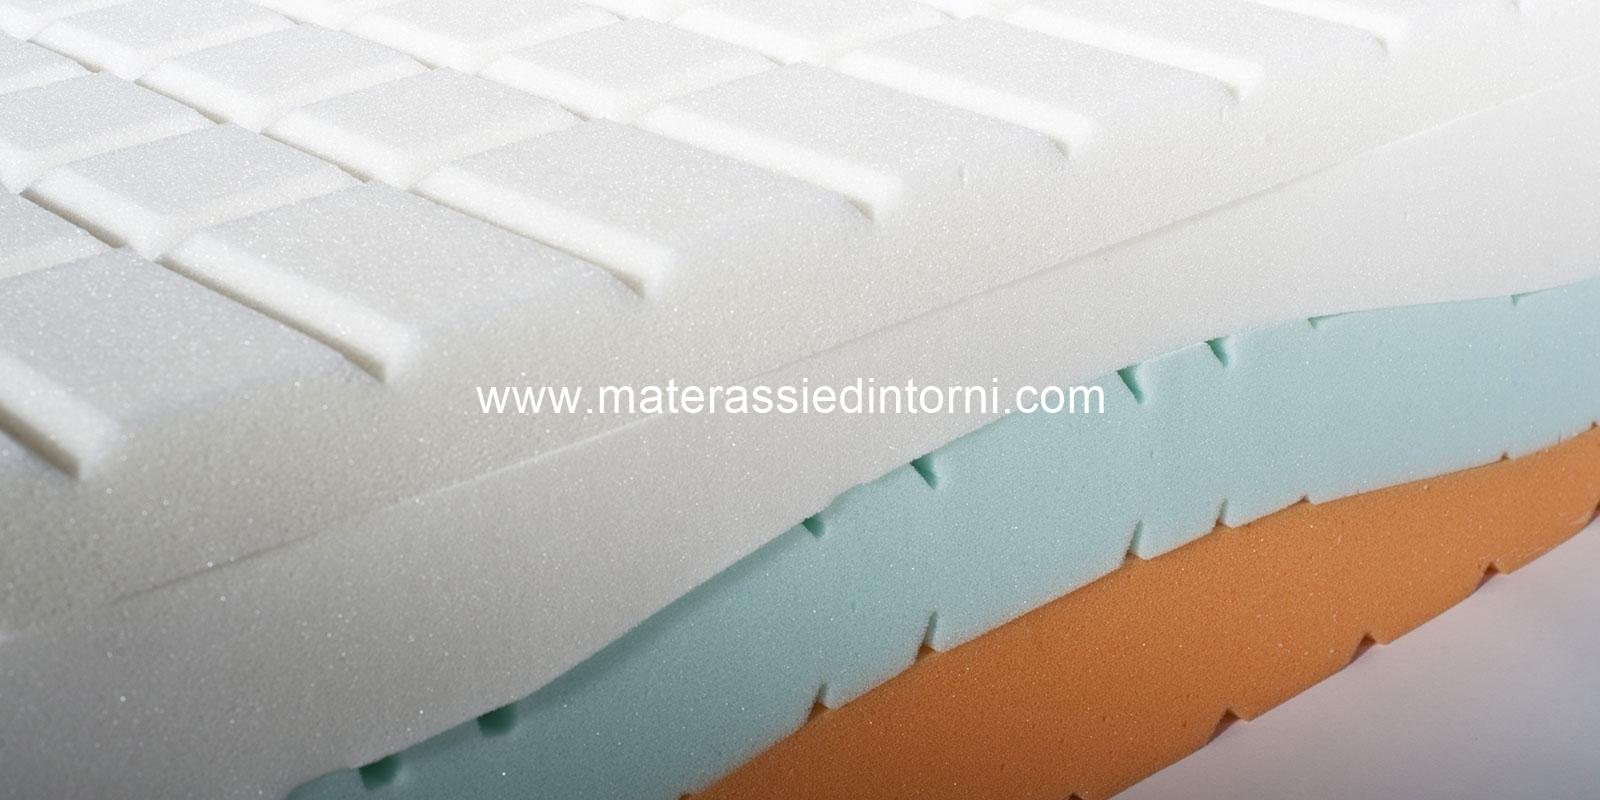 MATERASSI a Torino e Provincia, Memory, Molle, Lattice, Reti, e-shop vendita negozio online ...